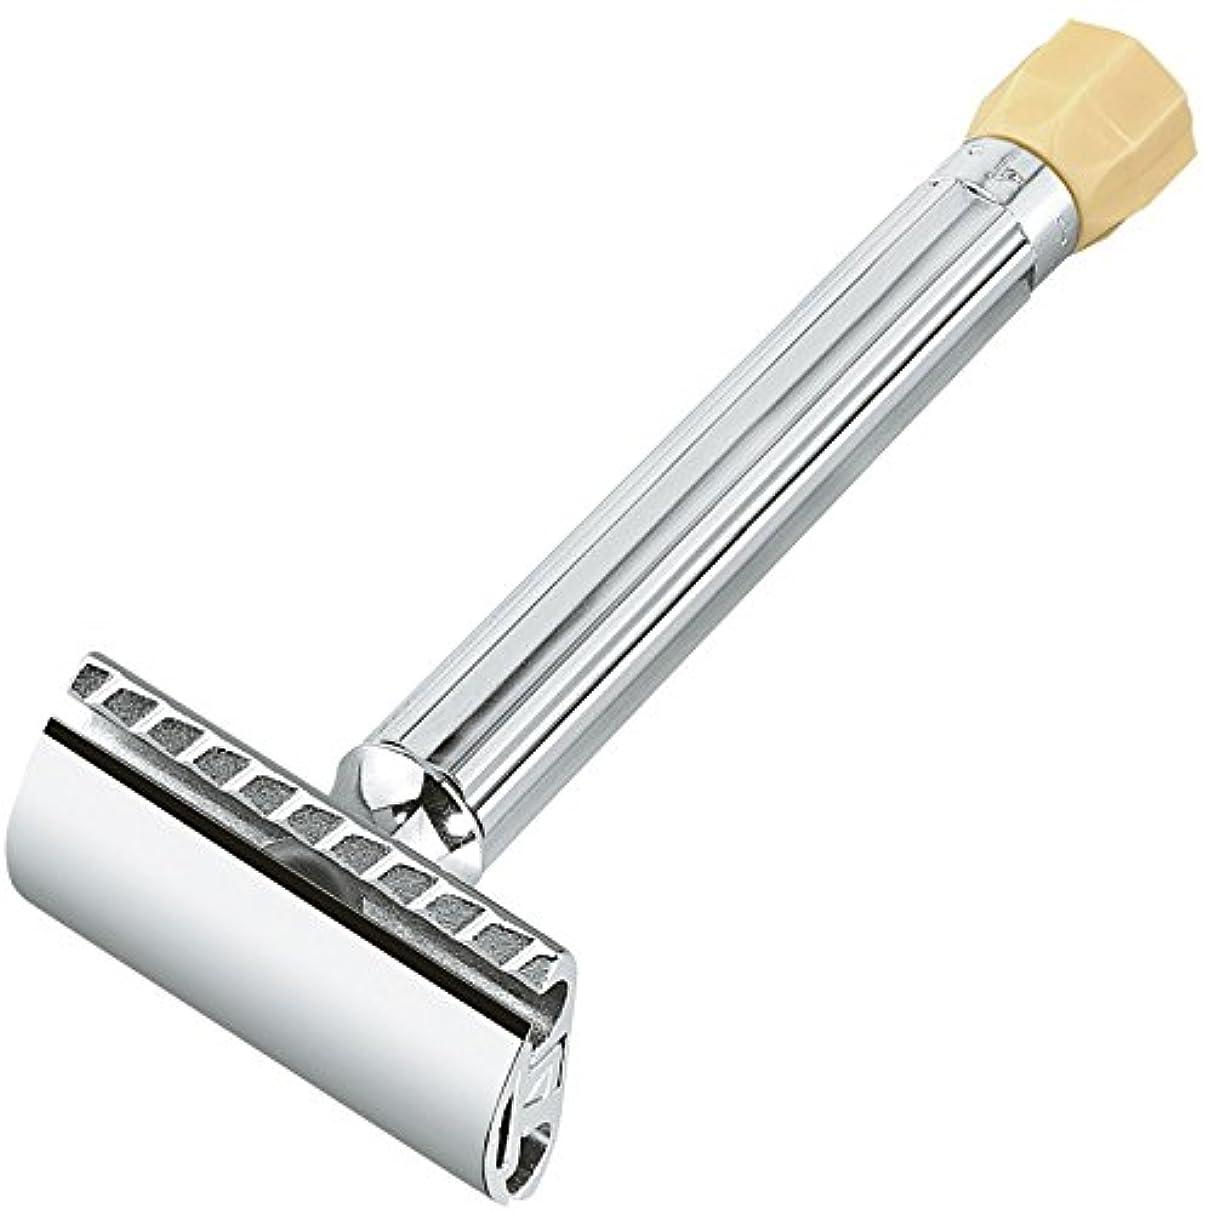 火傷コンクリート買うMERKUR Solingen - Safety razor, long handle, blade regulation, 90510001